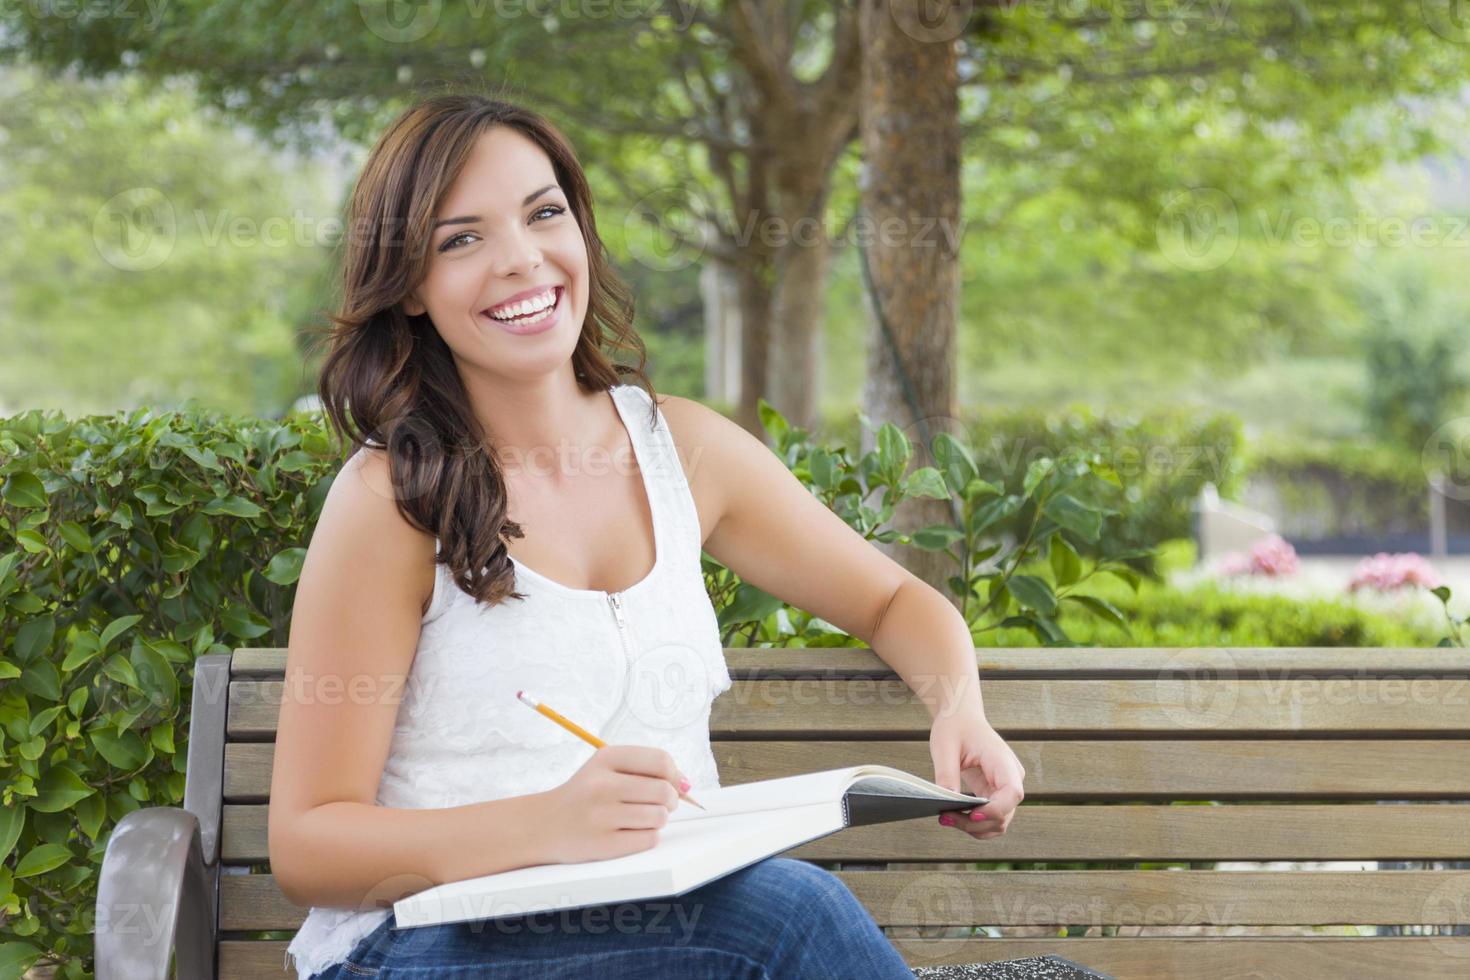 joven estudiante adulta en banco al aire libre foto